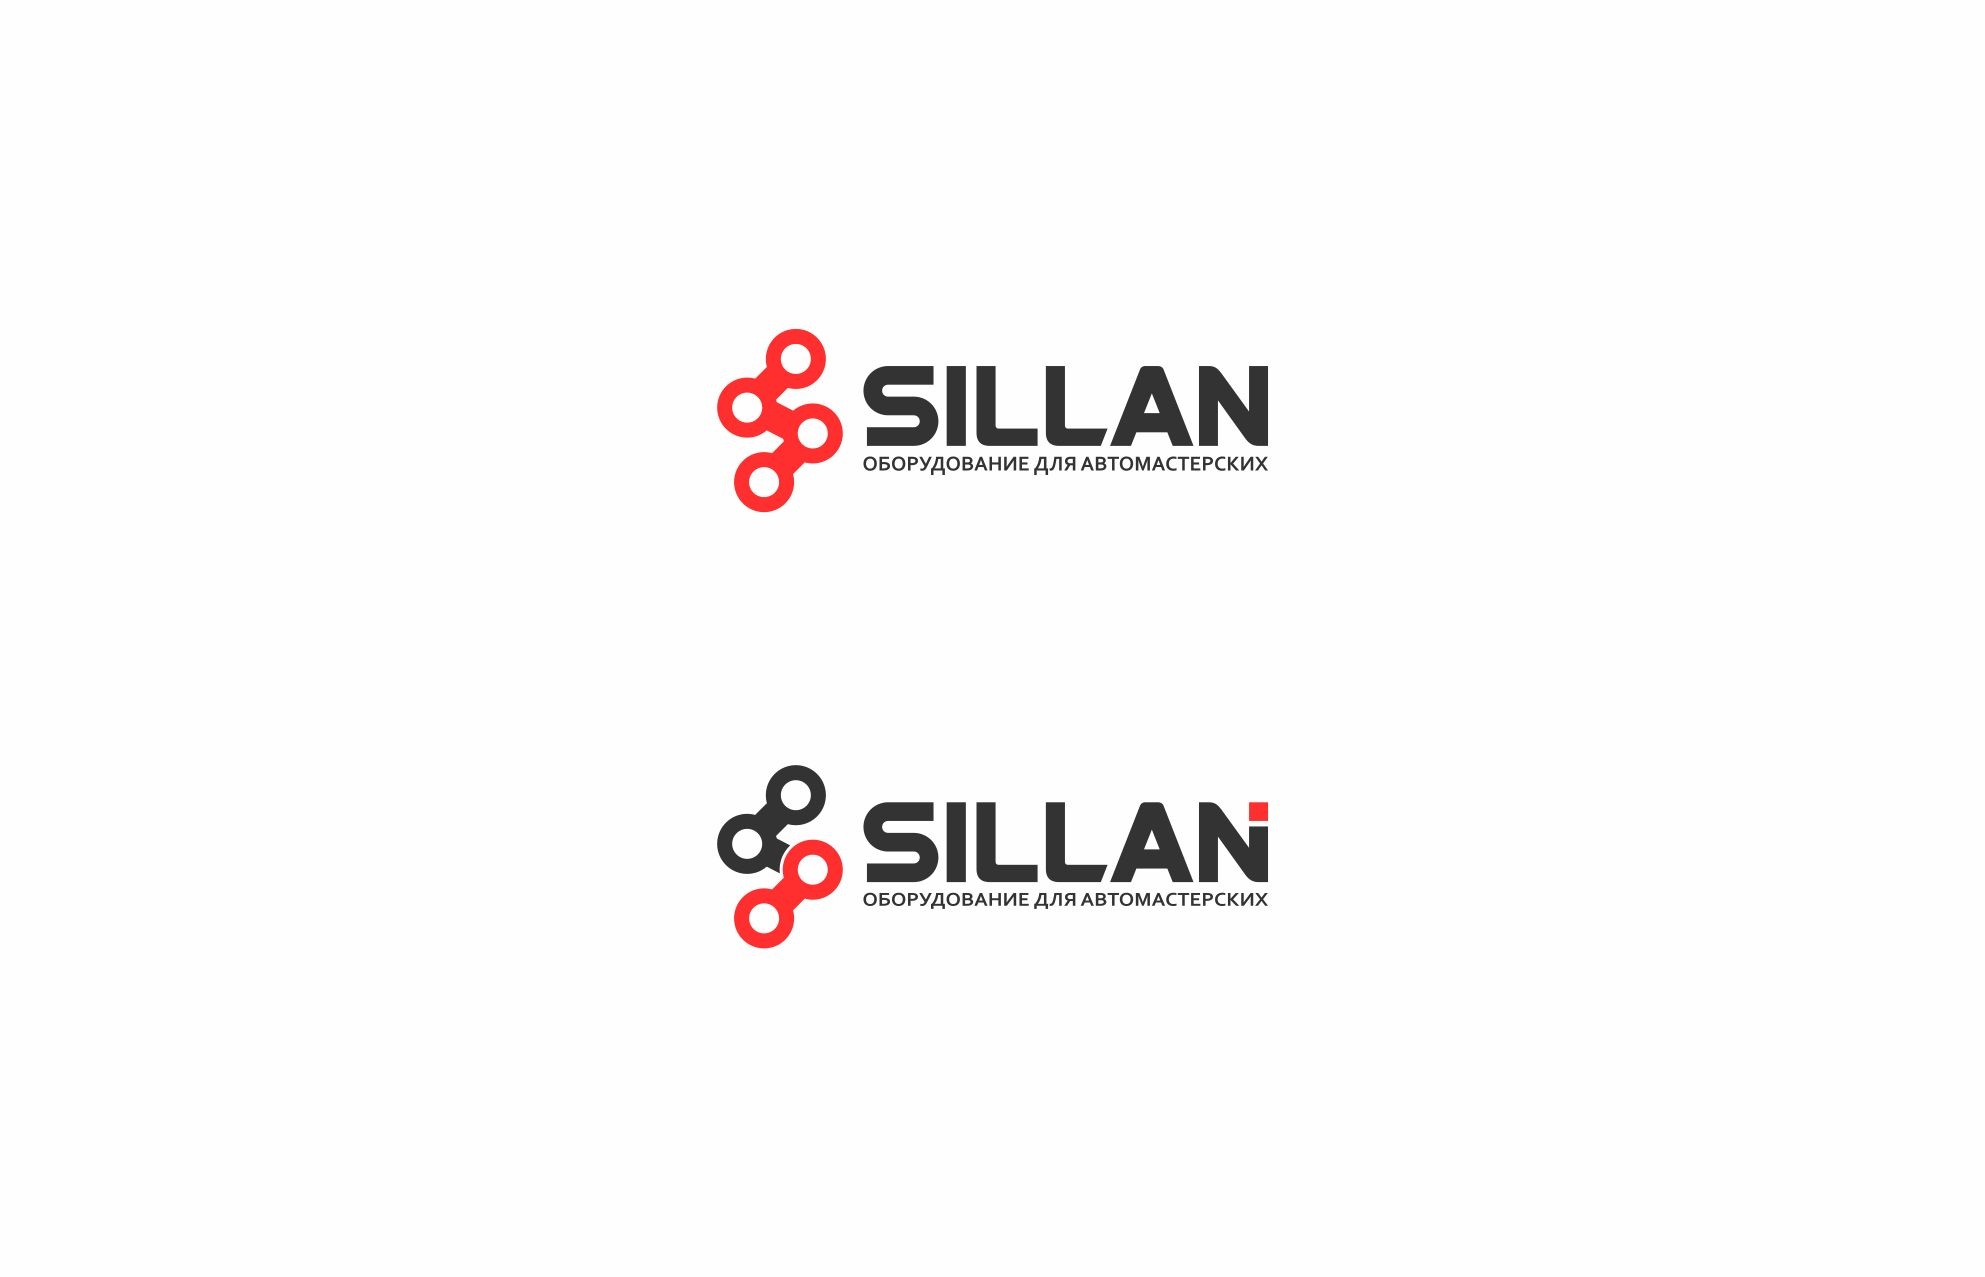 Логотип для Sillan - дизайнер JMarcus